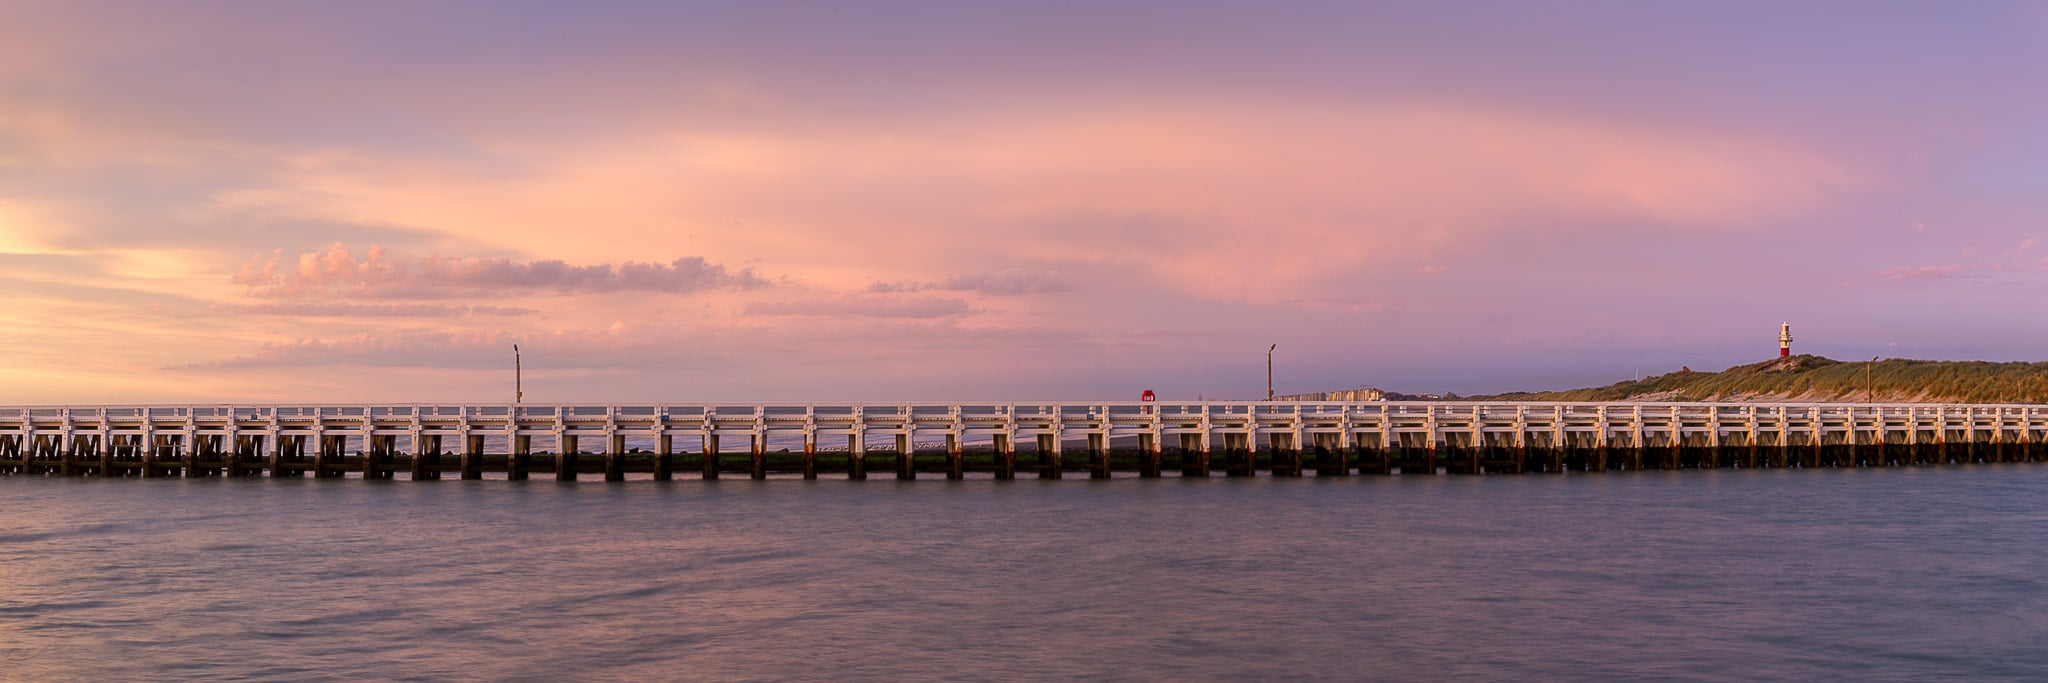 Zonsondergang aan de Pier in Nieuwpoort - Fotografie